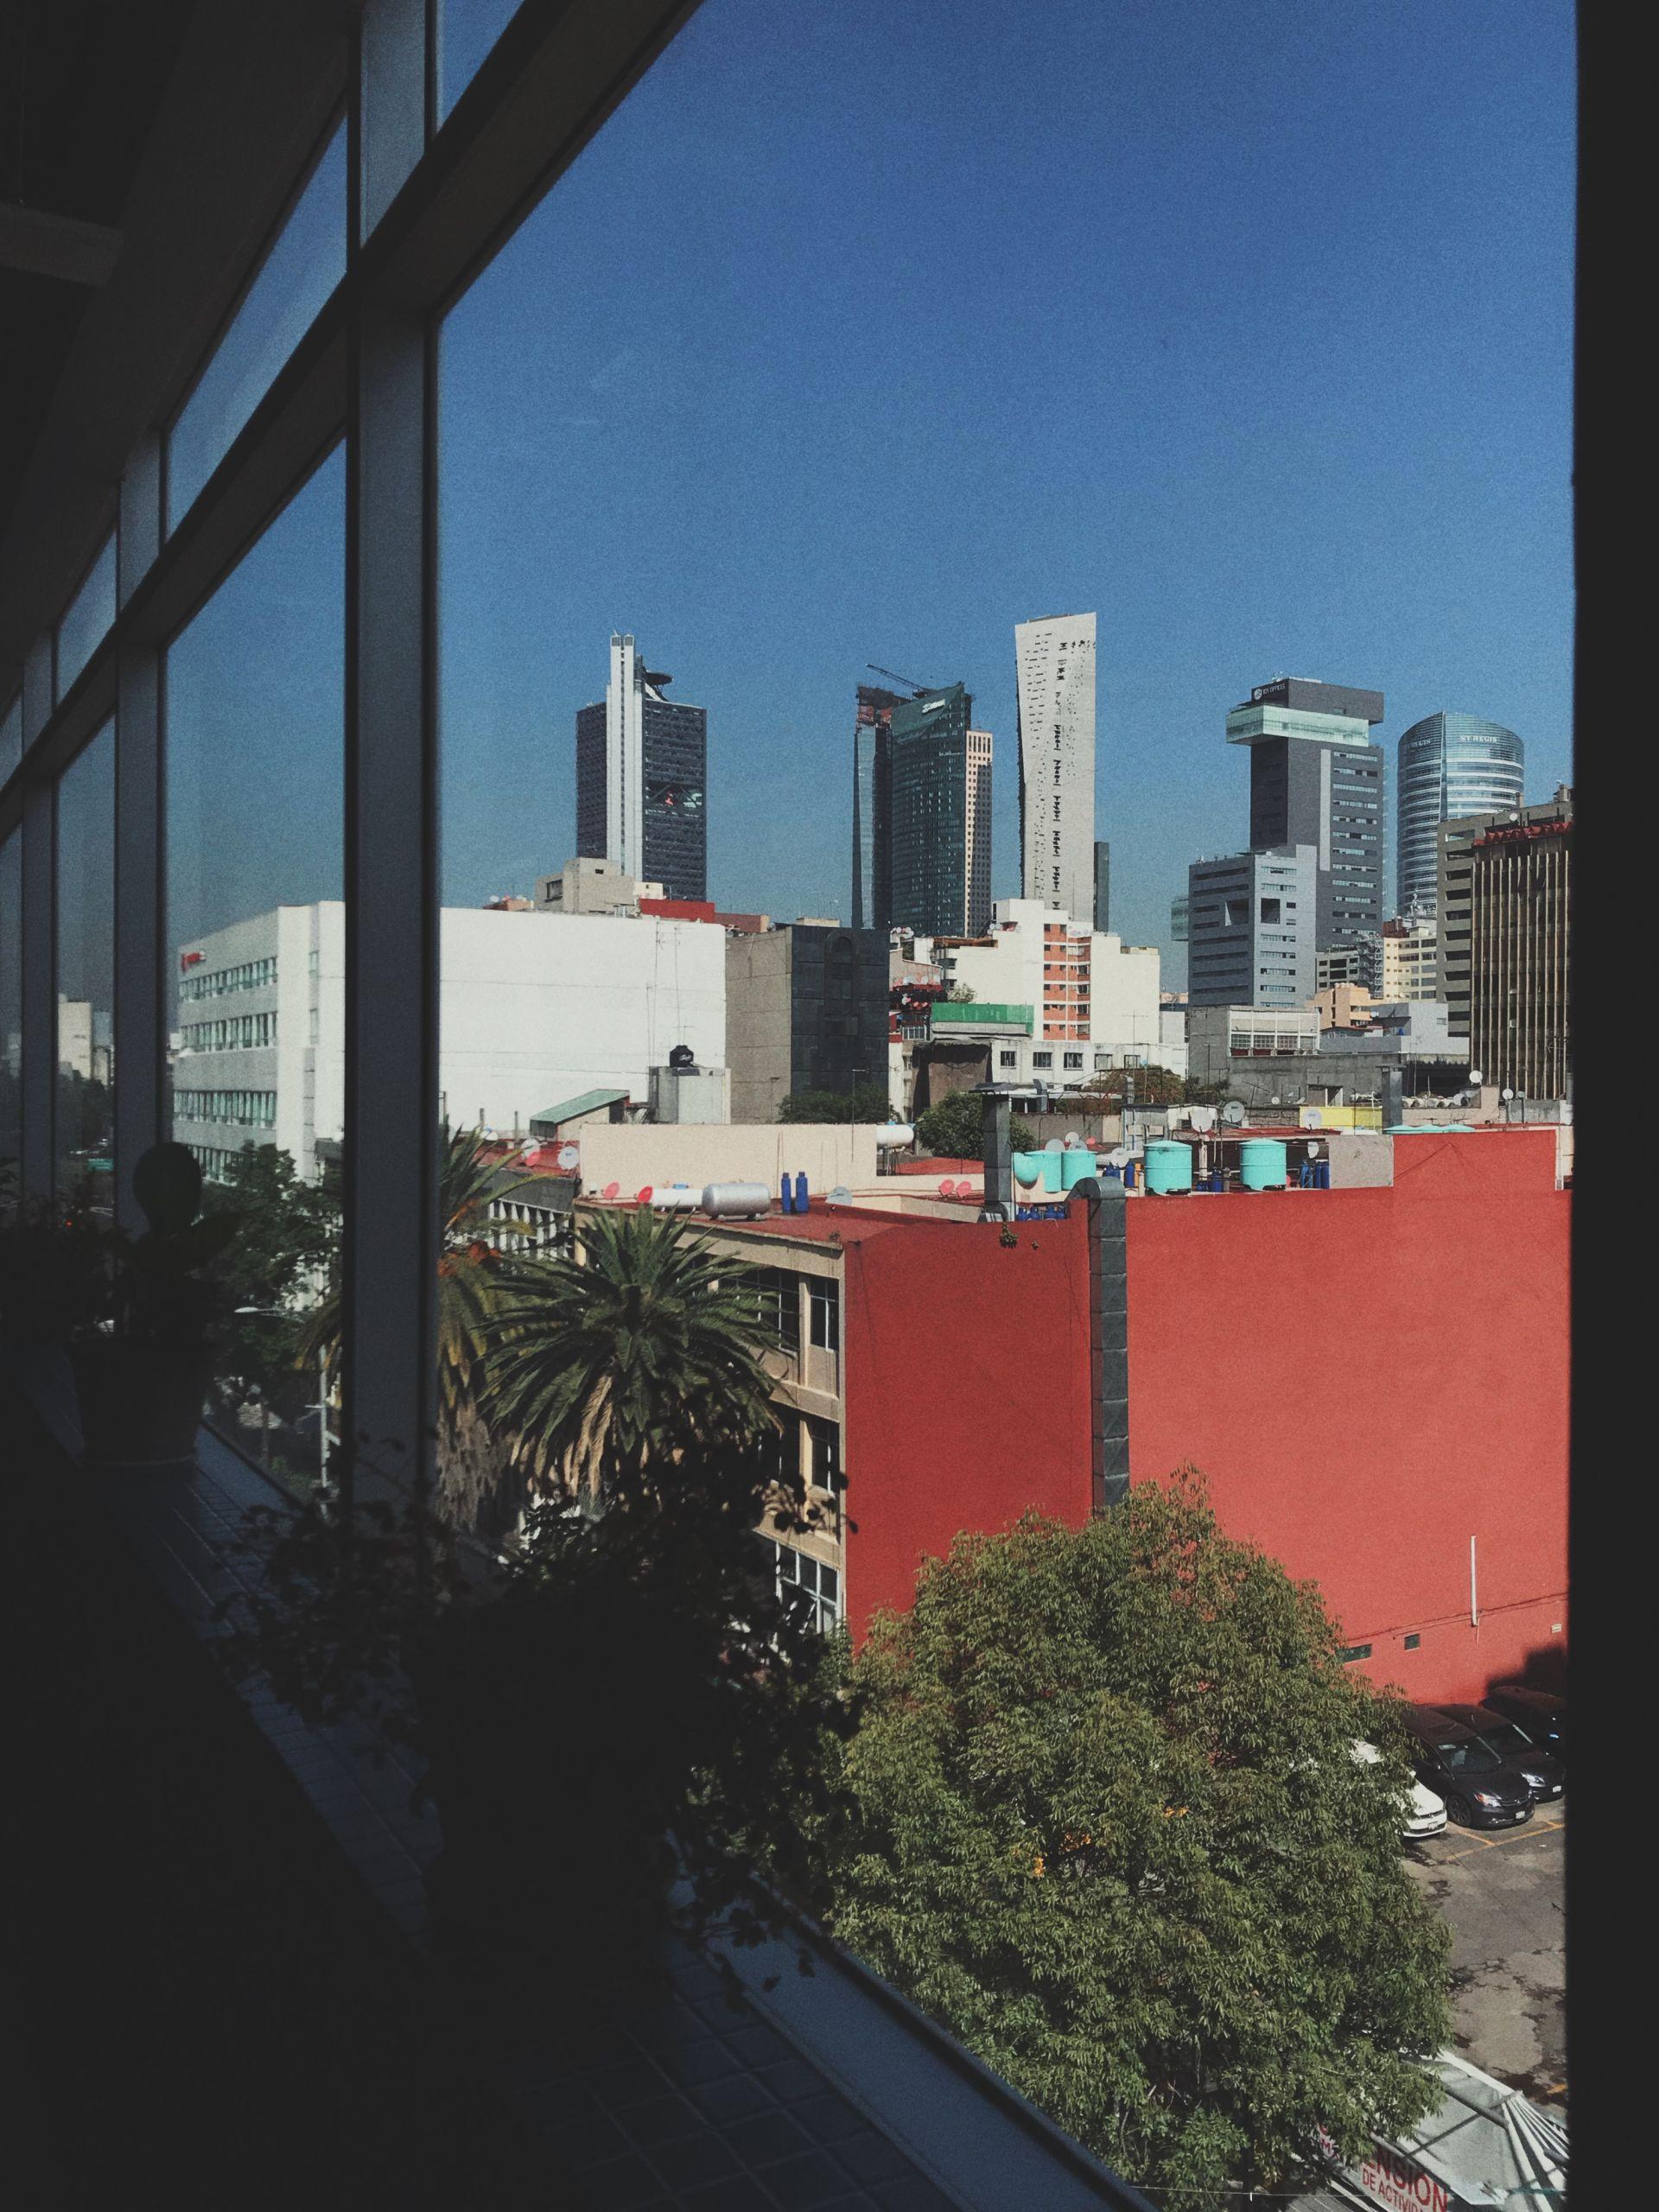 Homework Chapultepec, Mexico City